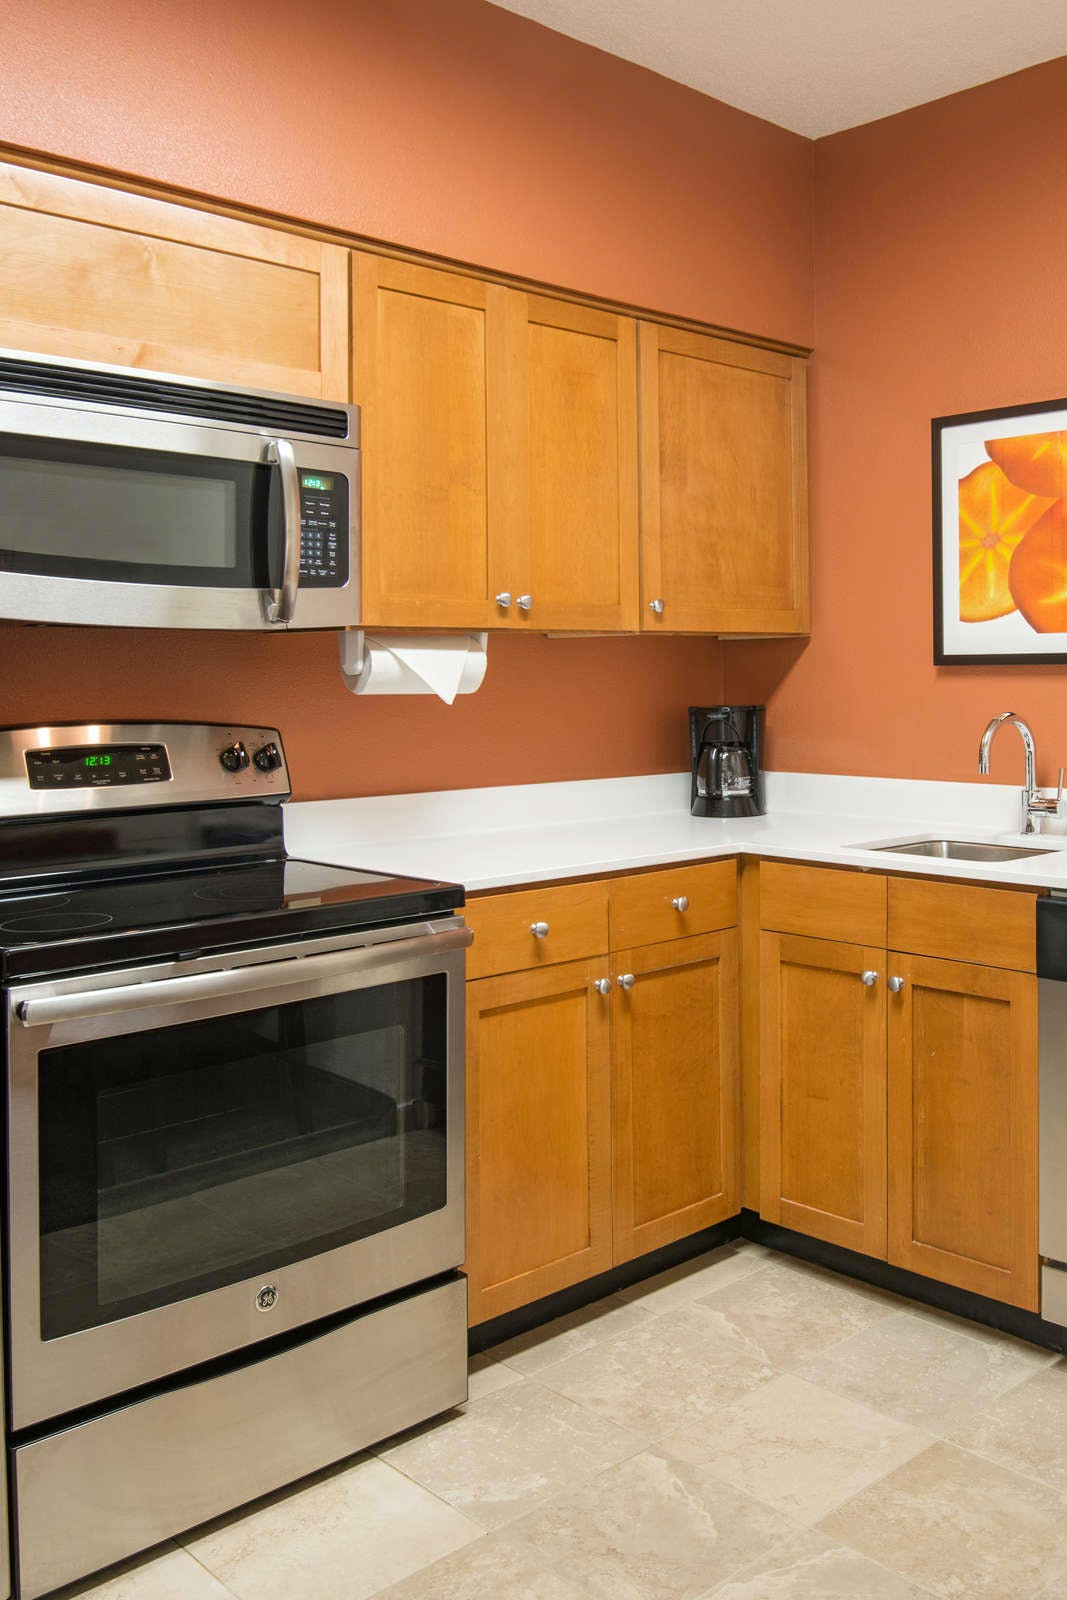 Residence Inn by Marriott Fort Lauderdale SW/Miramar